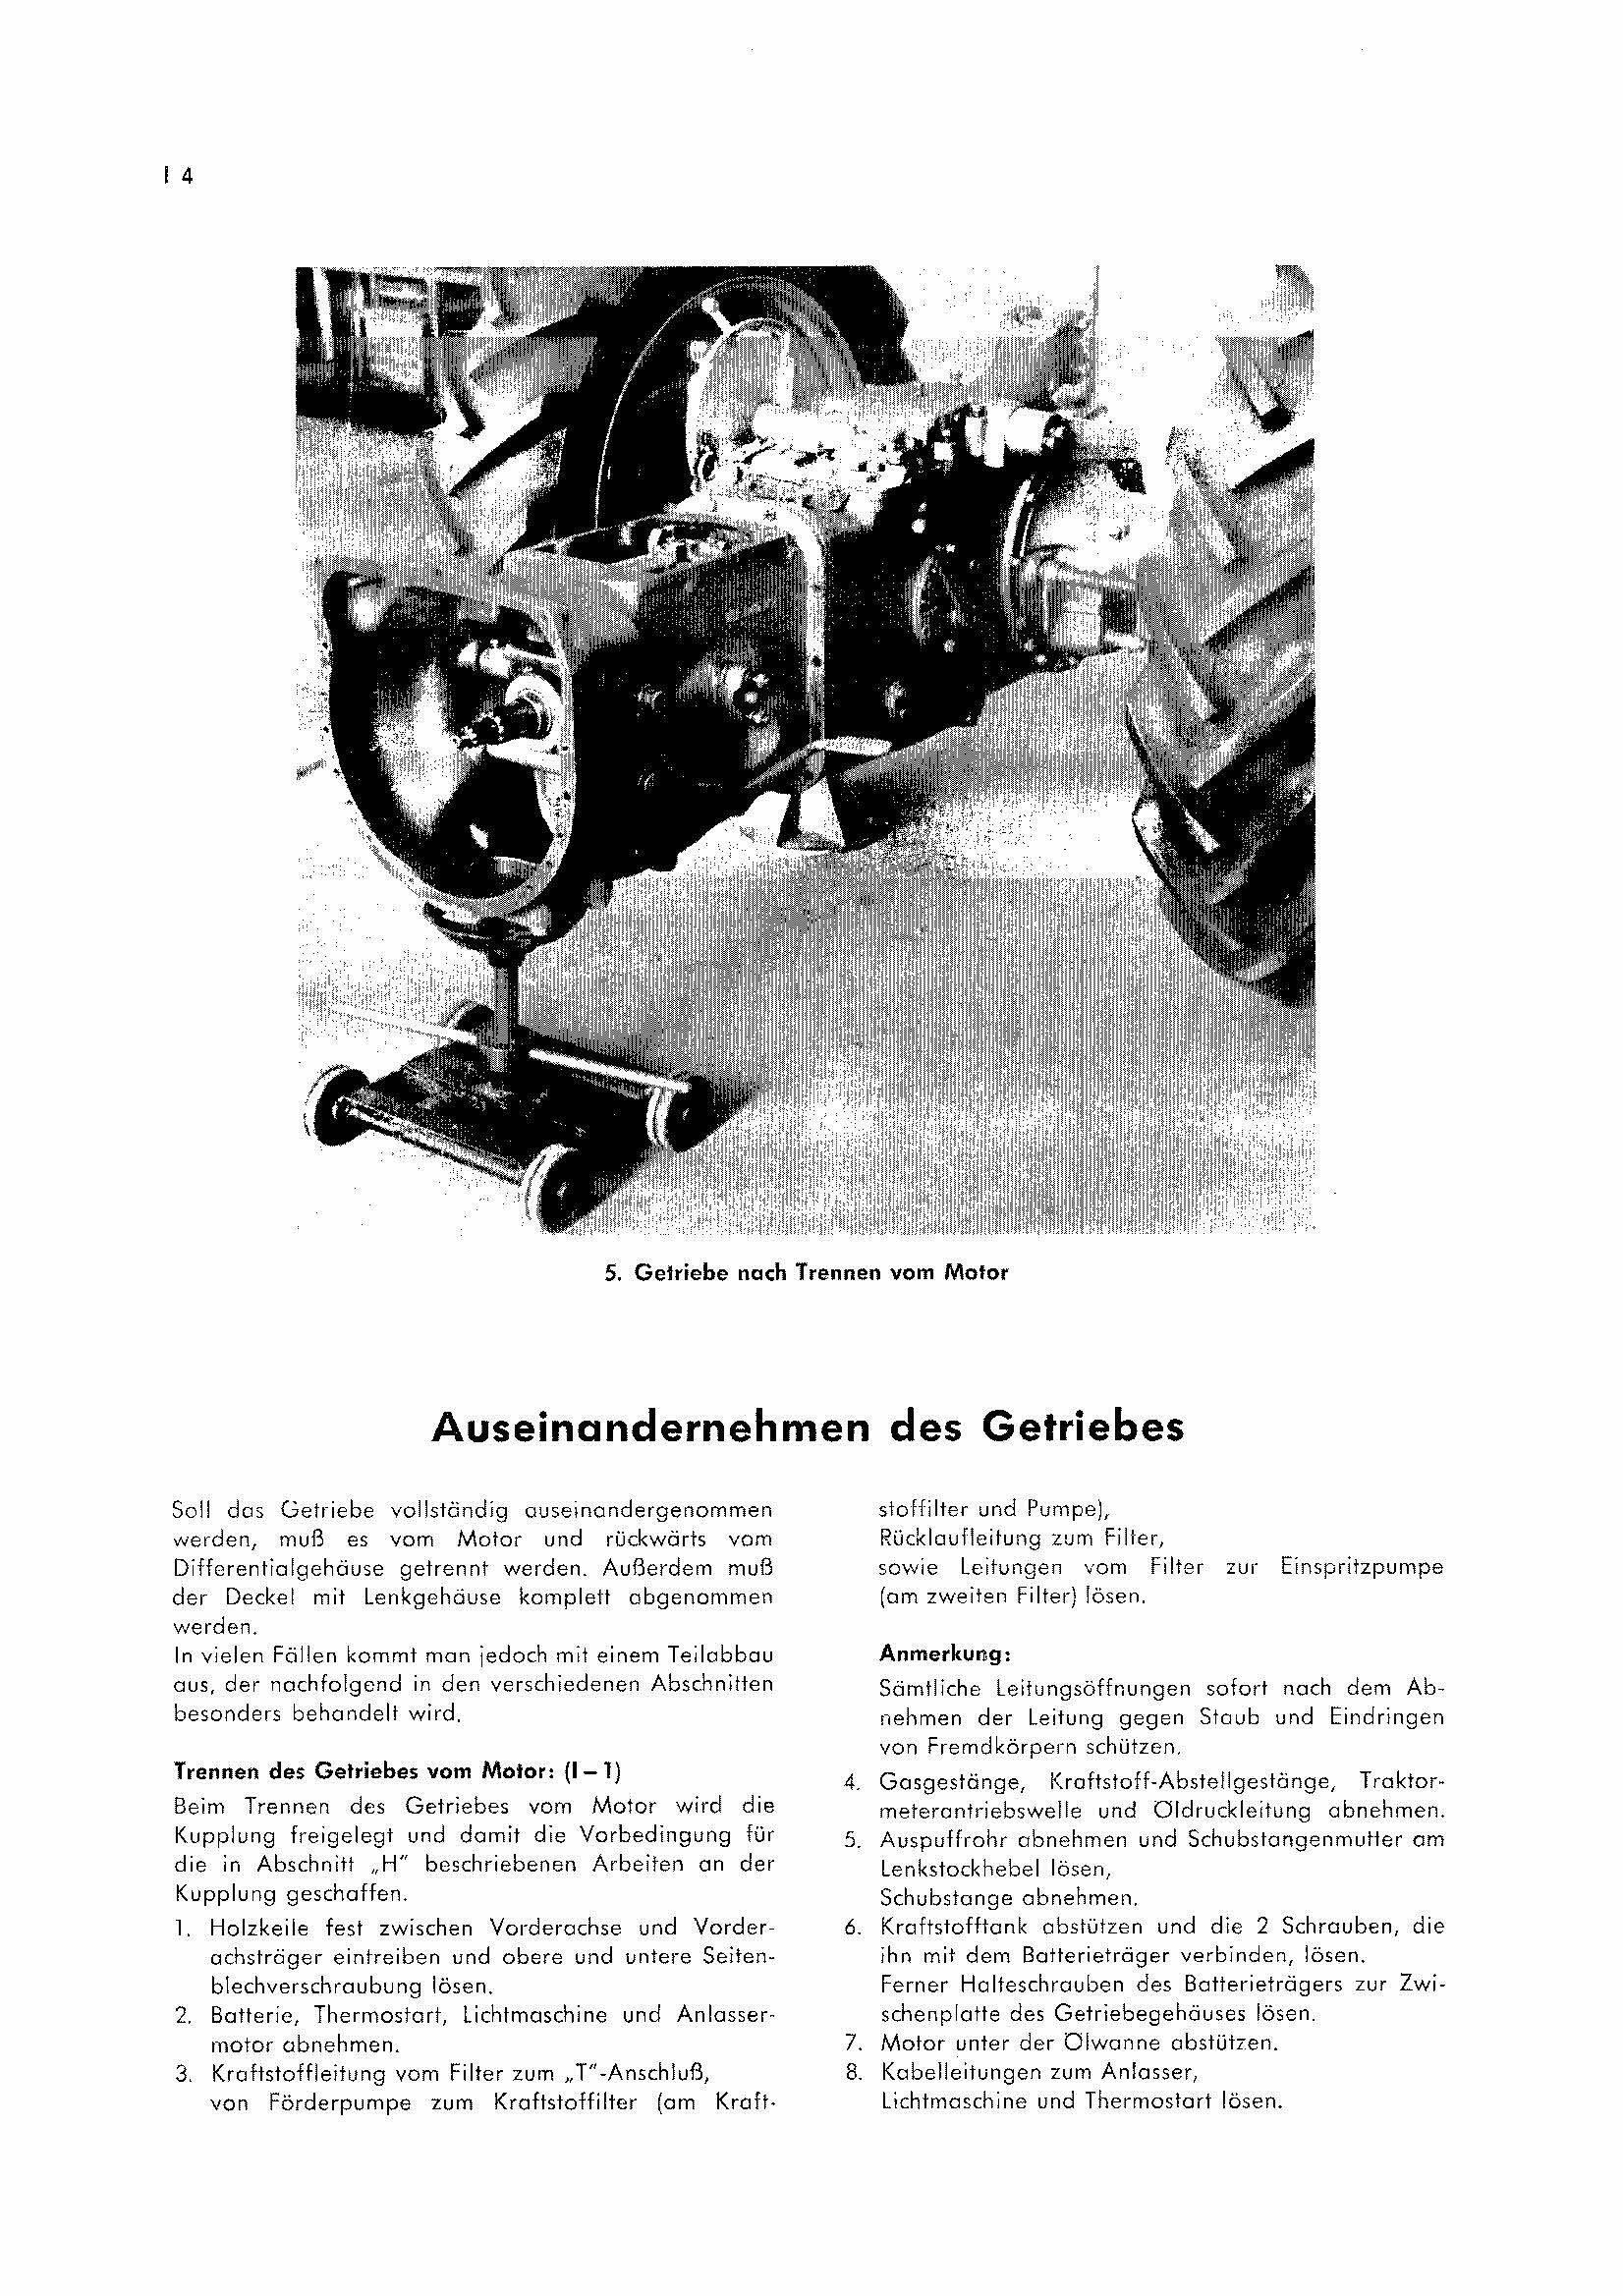 Getriebeeinganswelle Aus Dem Geh Use Nehmen Das Deutsche